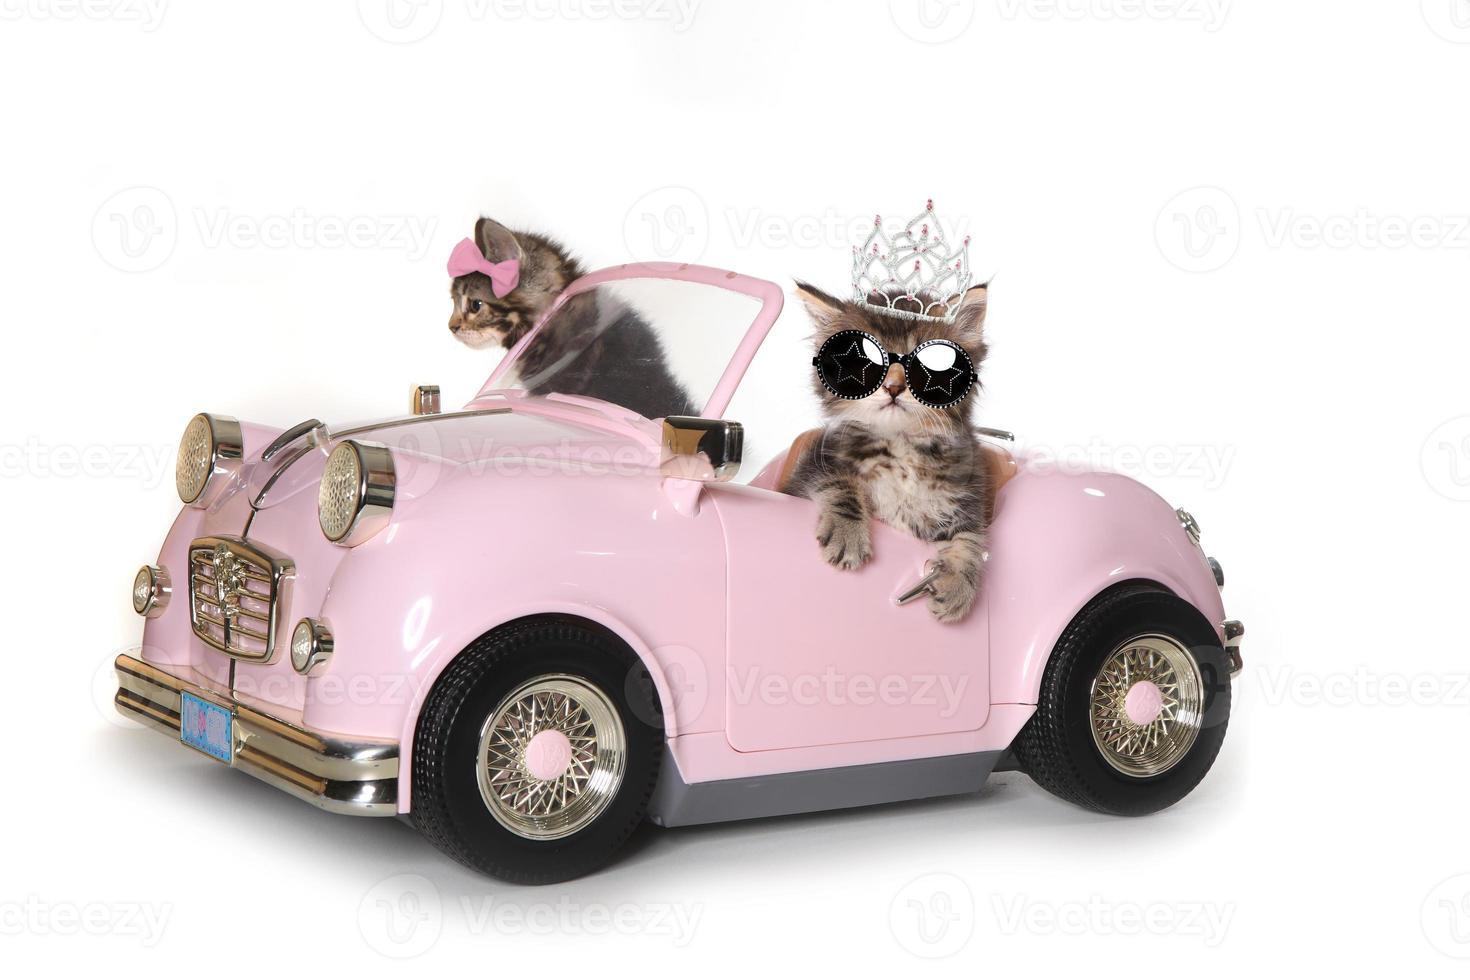 lindos gatitos maincoon conduciendo un convertible foto